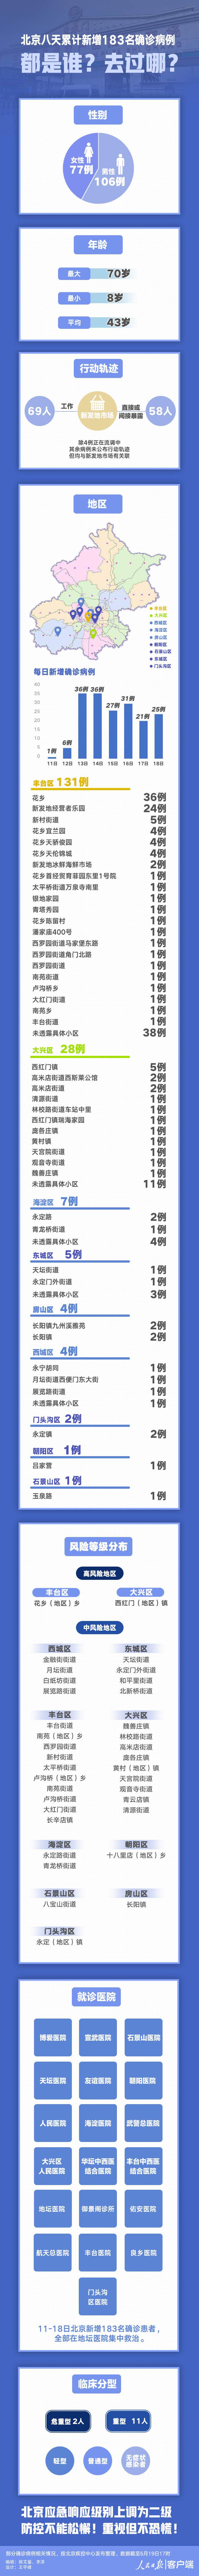 【新乡炮兵社区app】_北京八天新增183名确诊病例 都是谁?去哪了?